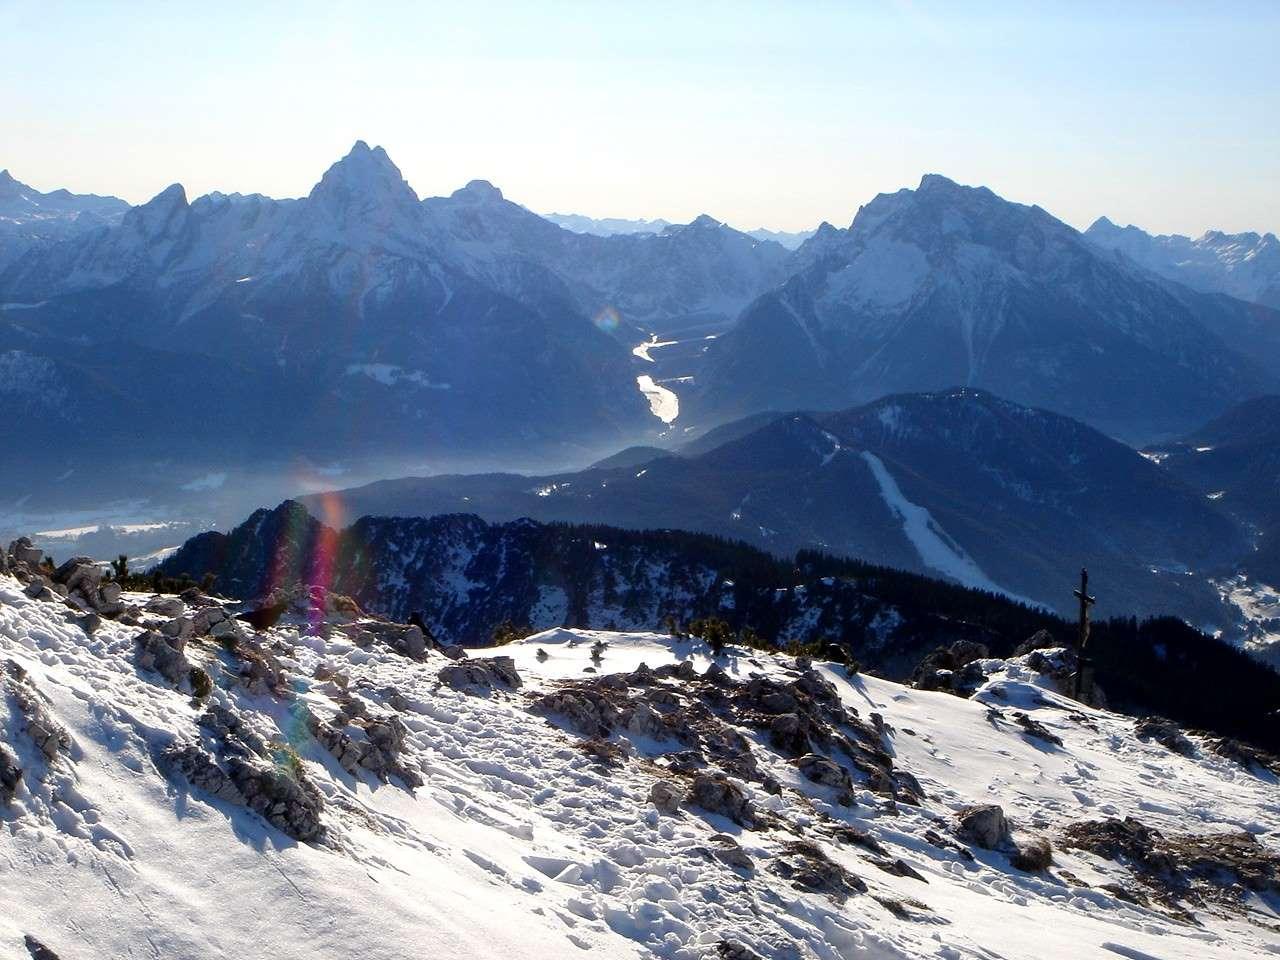 Foto: Manfred Karl / Wander Tour / Von Bischofswiesen auf den Berchtesgadener Hochthron / Auch in schneearmen Winter ist der Aufstieg auf den Berchtesgadener Hochthron meist kein allzu großes Problem. / 17.05.2007 20:55:27